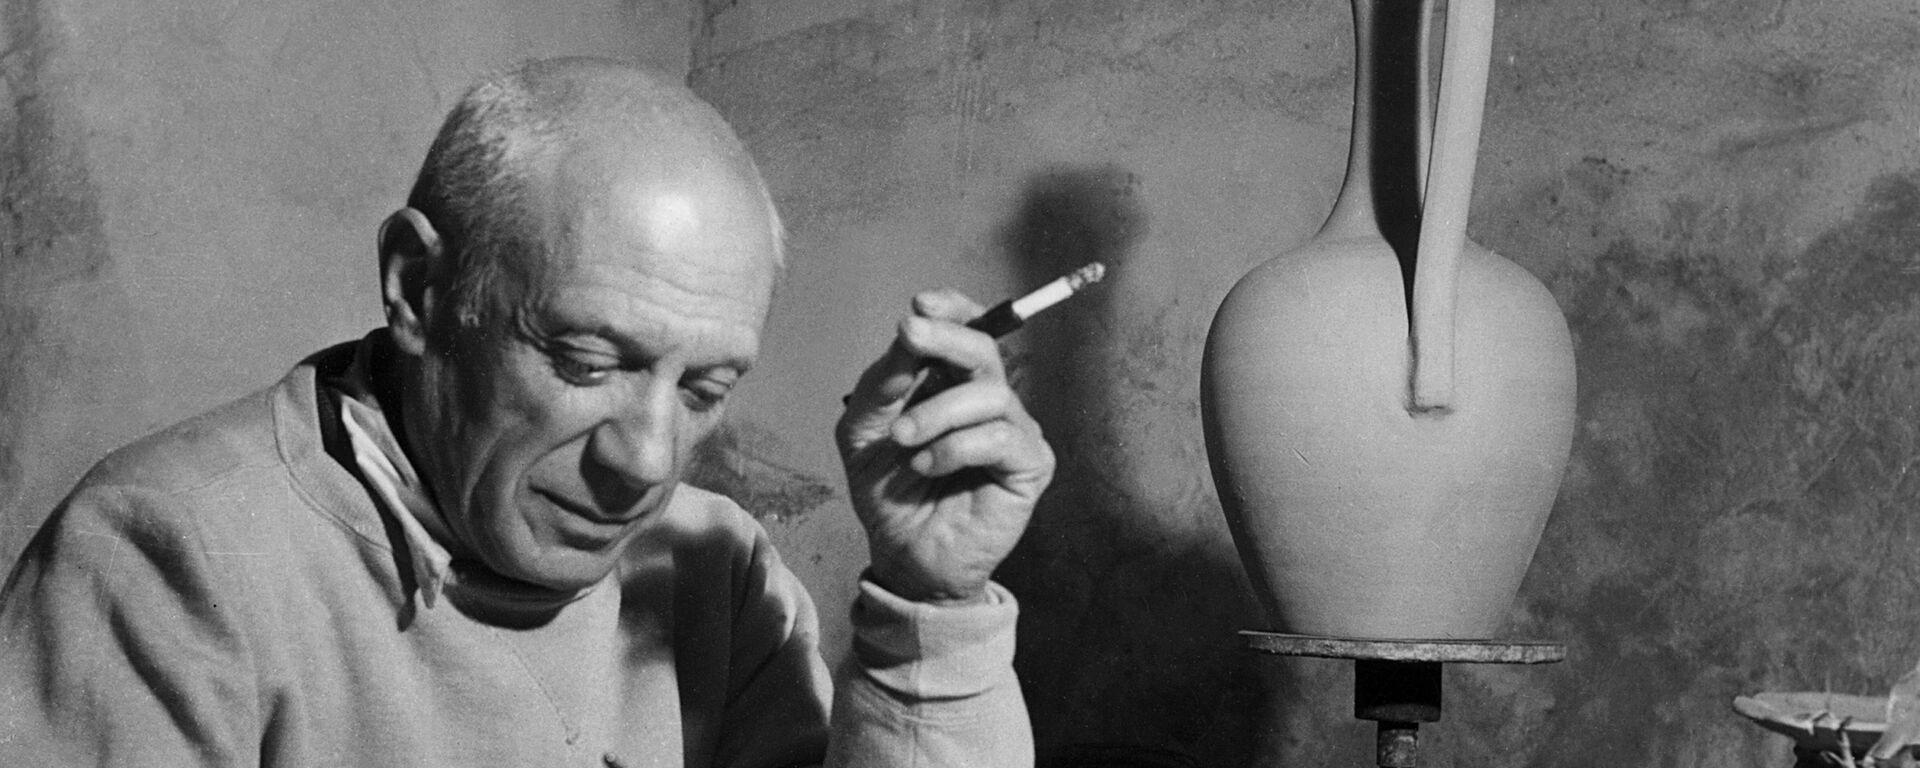 Pablo Ruiz Picasso, pintor y escultor español - Sputnik Mundo, 1920, 20.09.2021